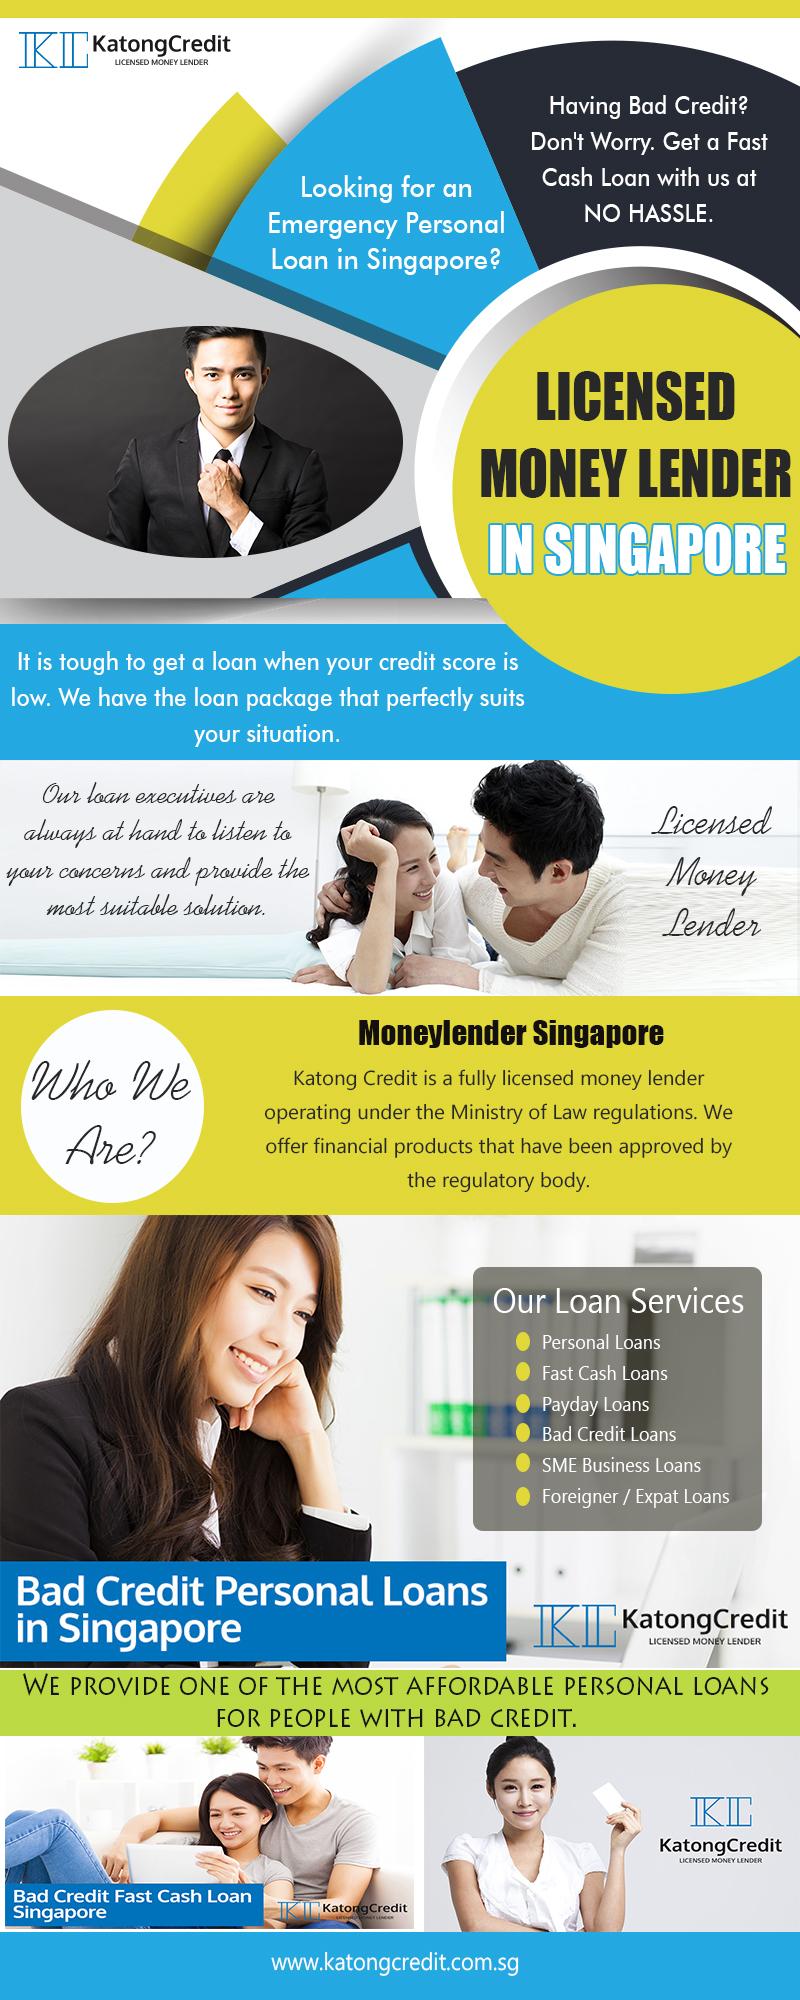 online money lender singapore | https://www.katongcredit.com.sg/apply-for-a-loan/